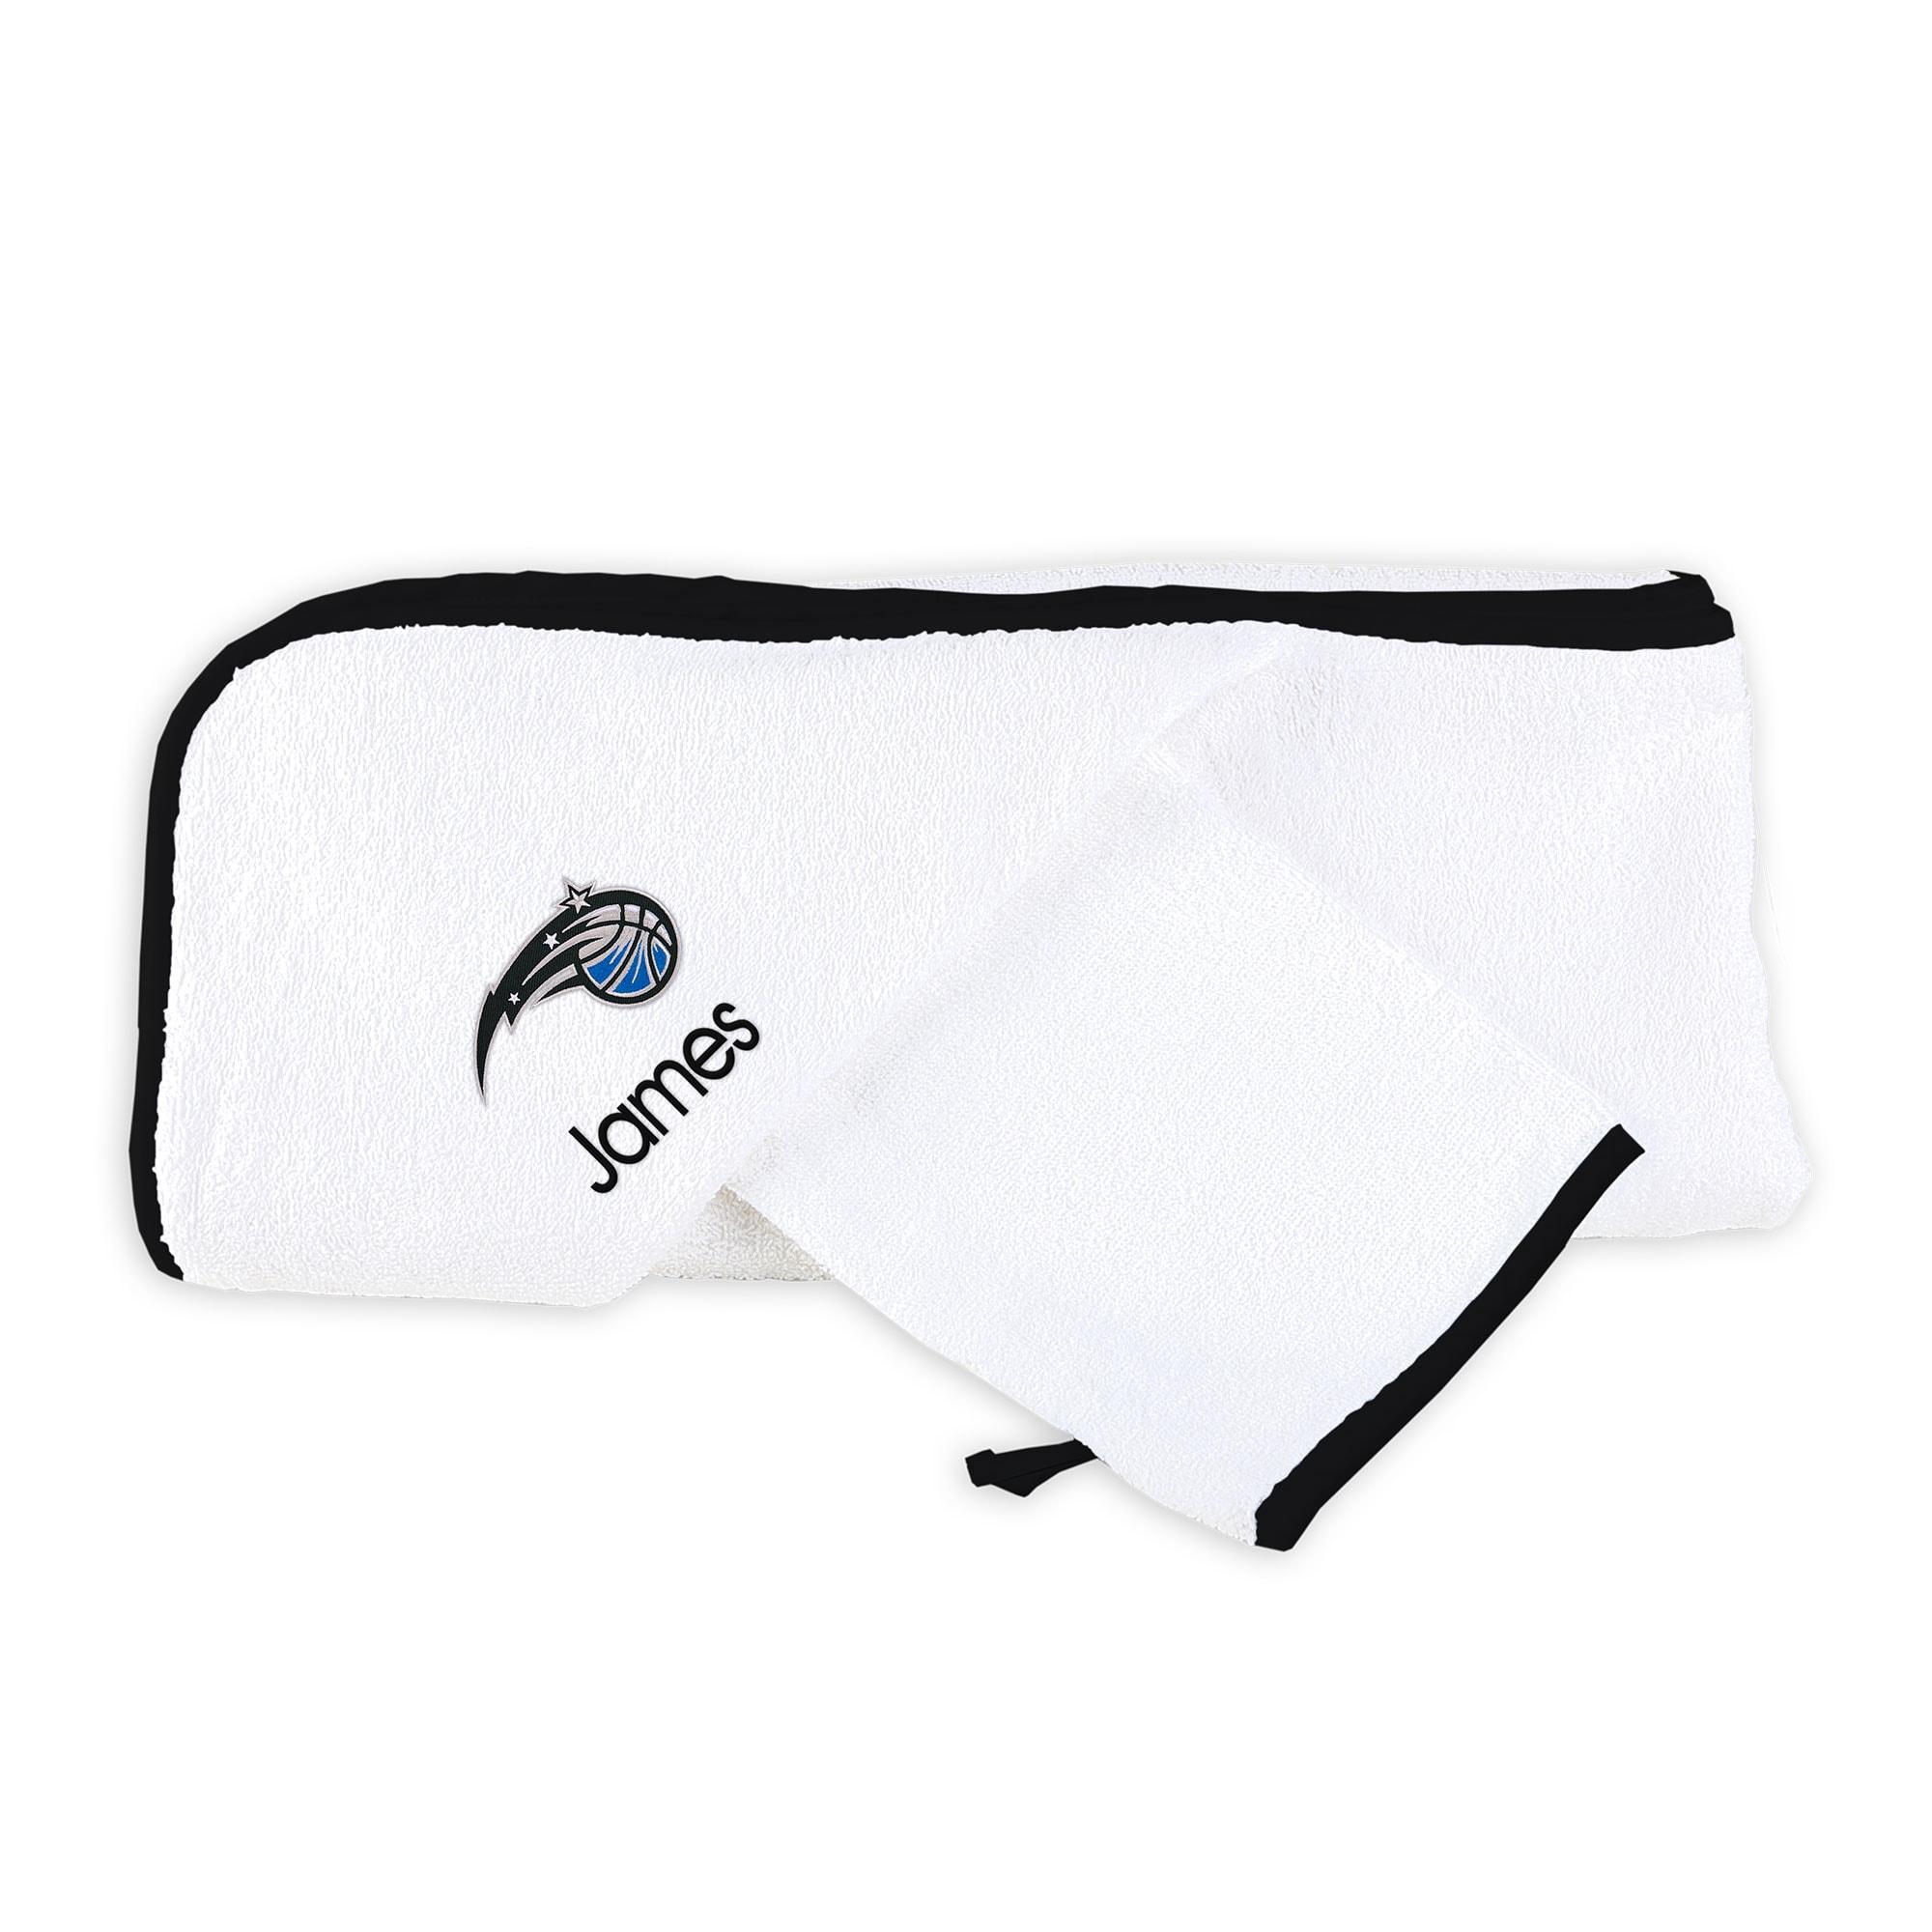 Orlando Magic Infant Personalized Hooded Towel & Mitt Set - White